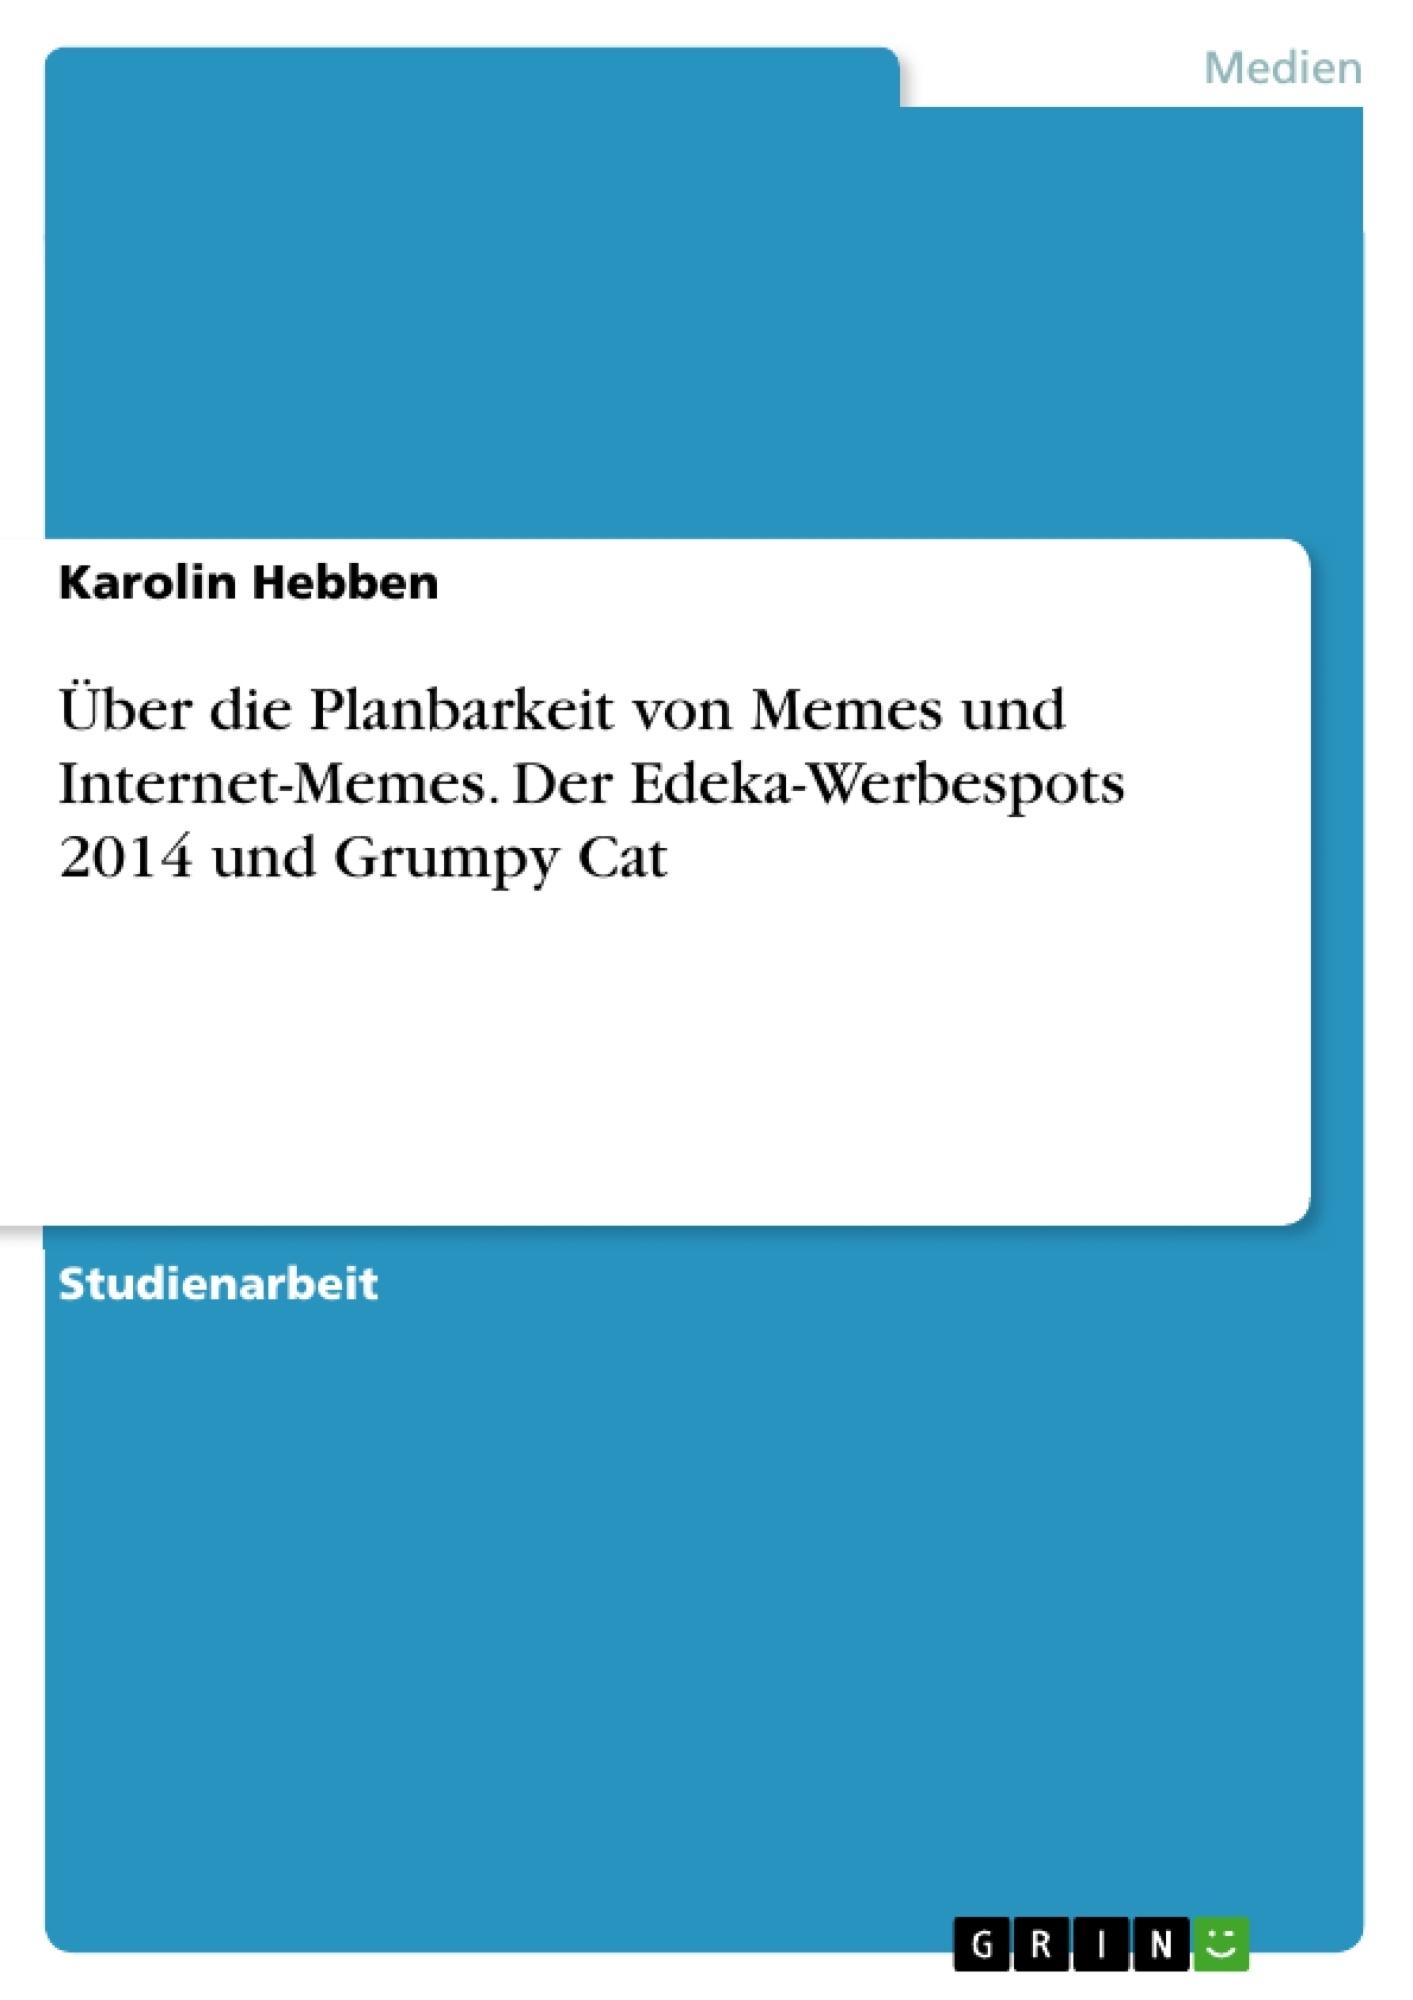 Titel: Über die Planbarkeit von Memes und Internet-Memes. Der Edeka-Werbespots 2014 und Grumpy Cat